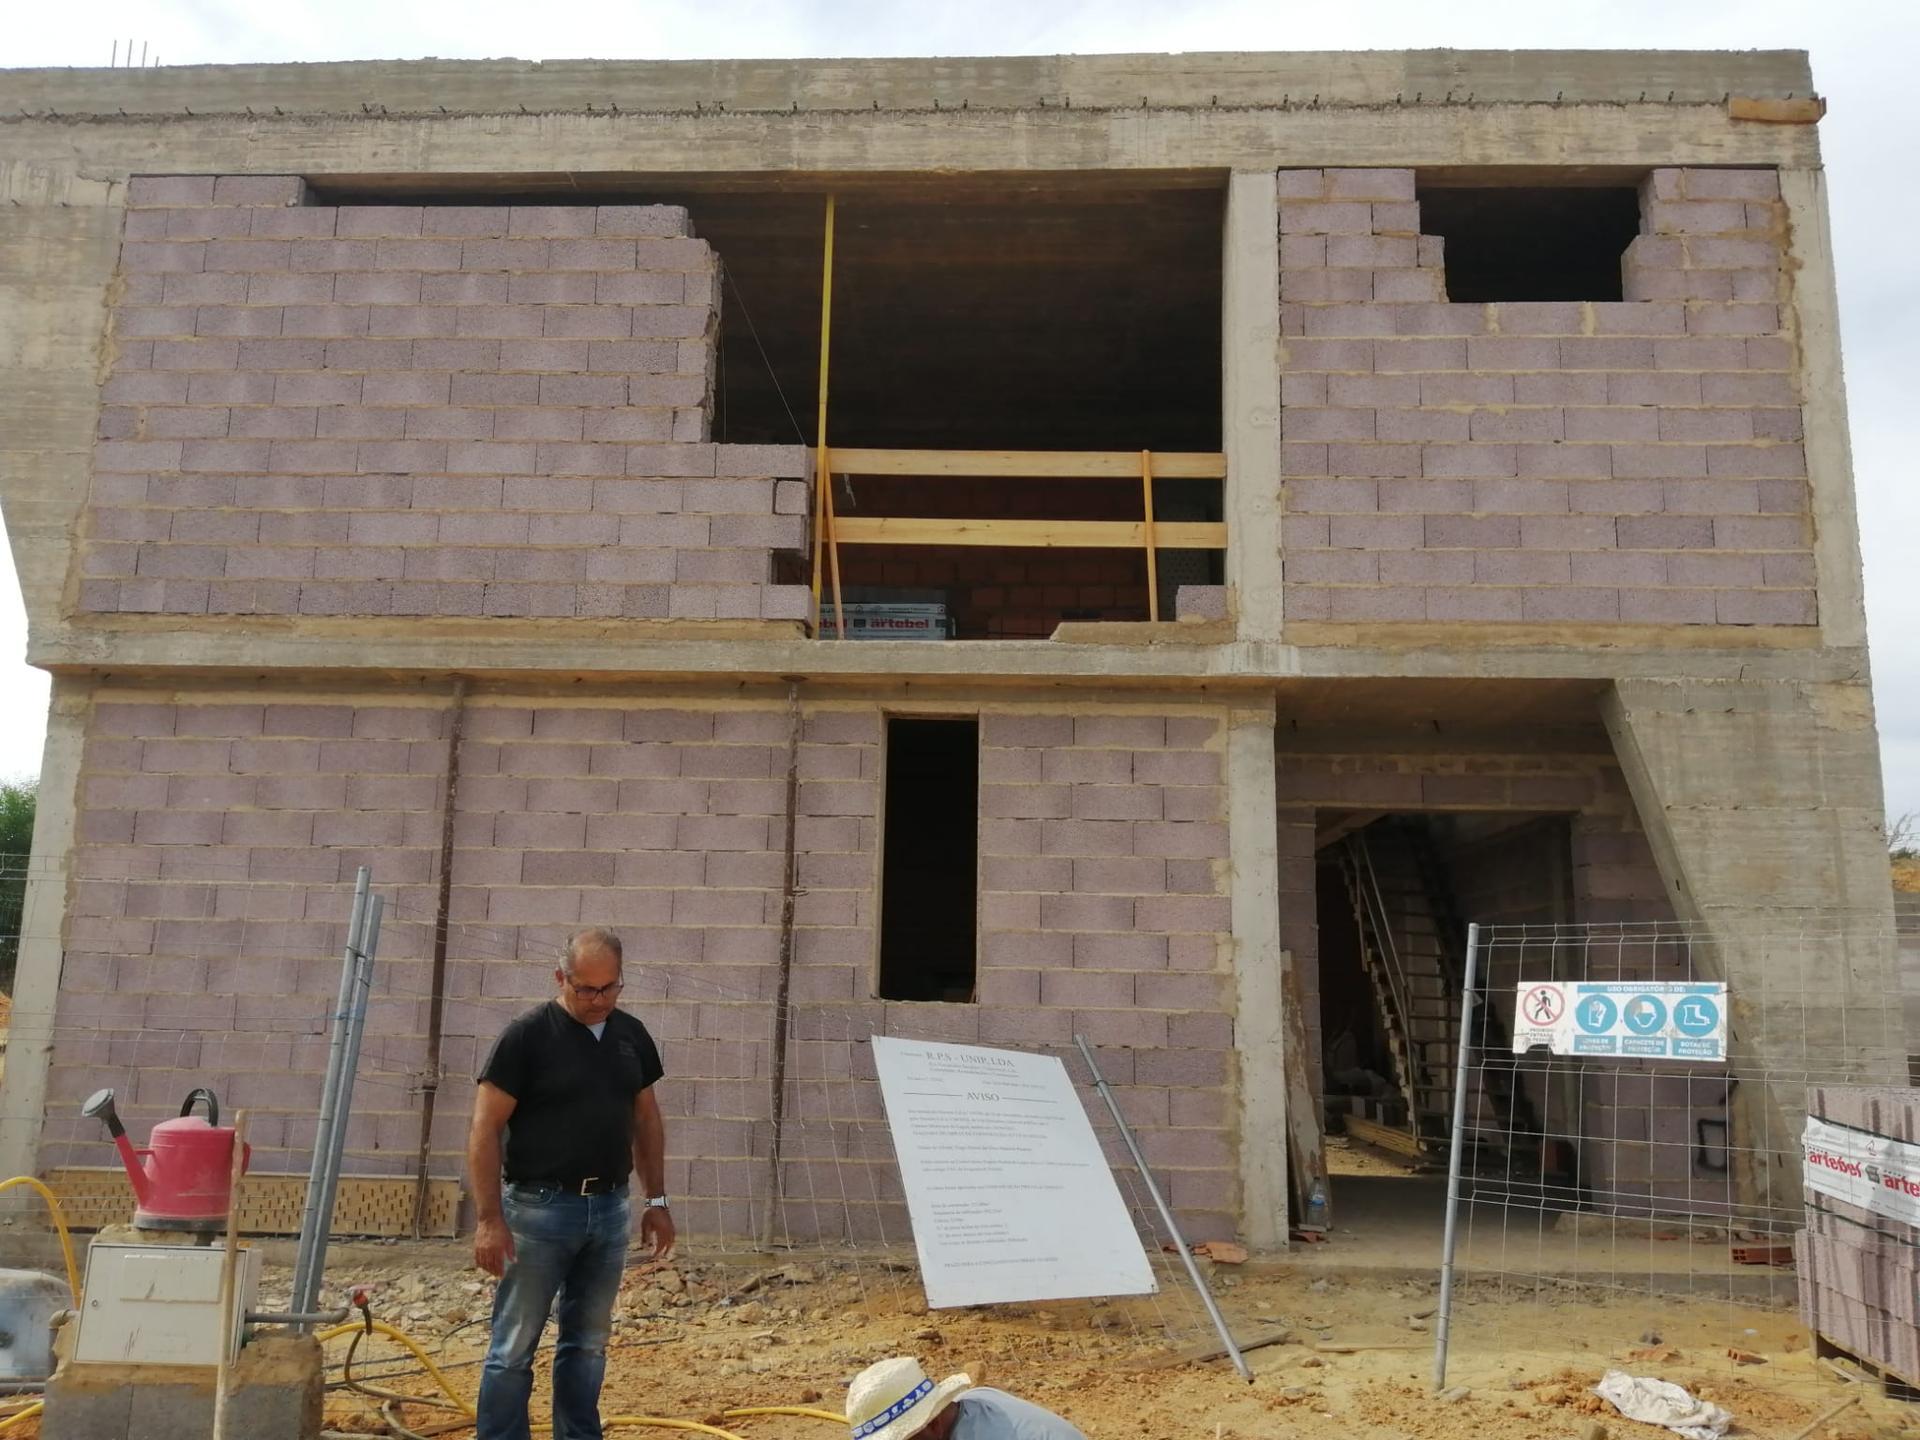 Náš portugalský domov ❤️🏡 - 16. Október 2021 Takmer vsetky obvodové steny na poschodí dokončené